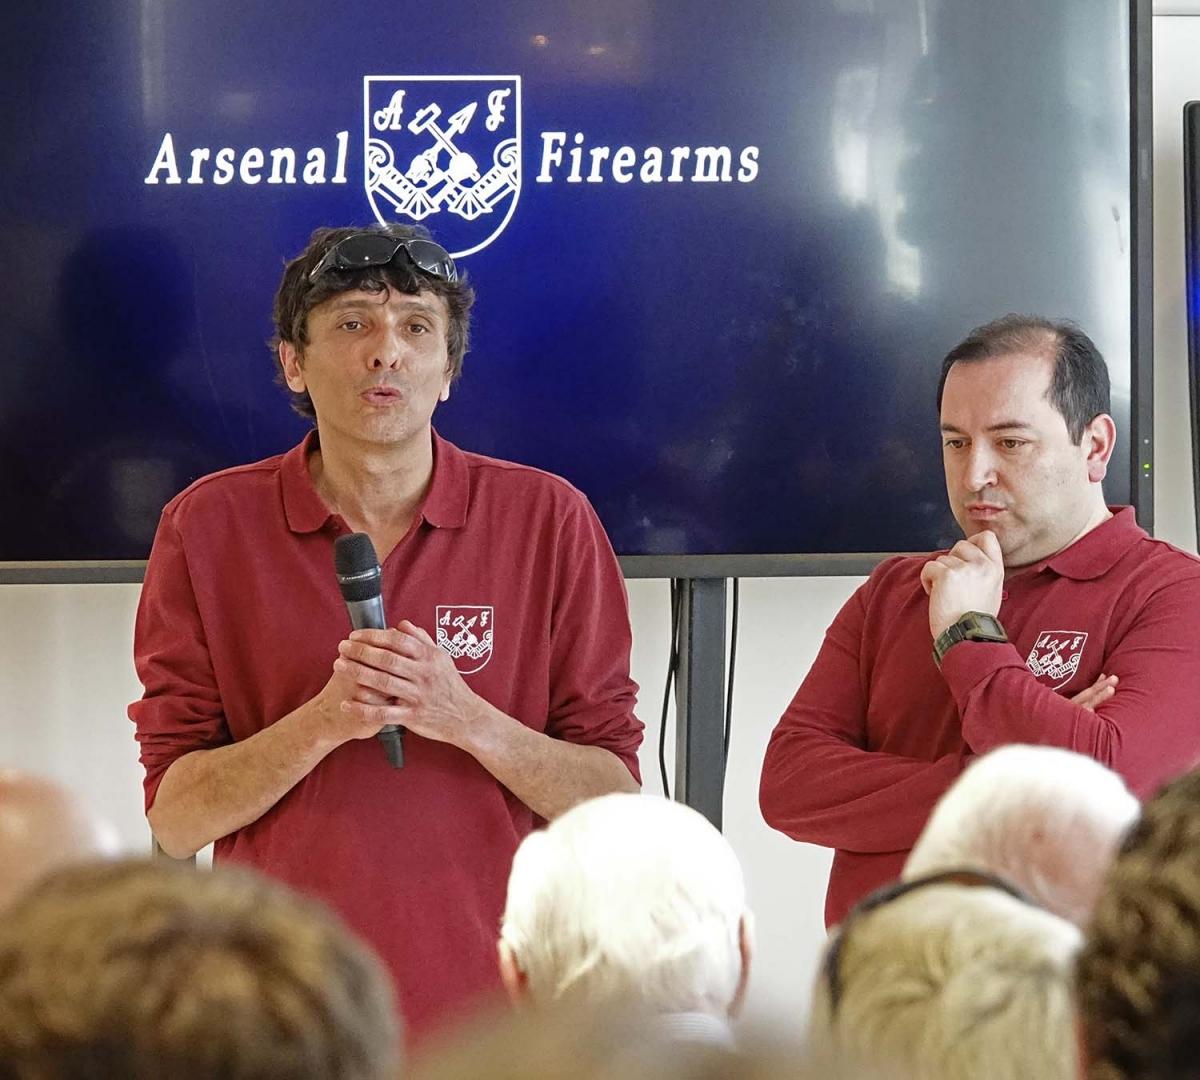 I due docenti della Arsenal Firearms Academy: Mauro Azzimondi e Davide Monorchio